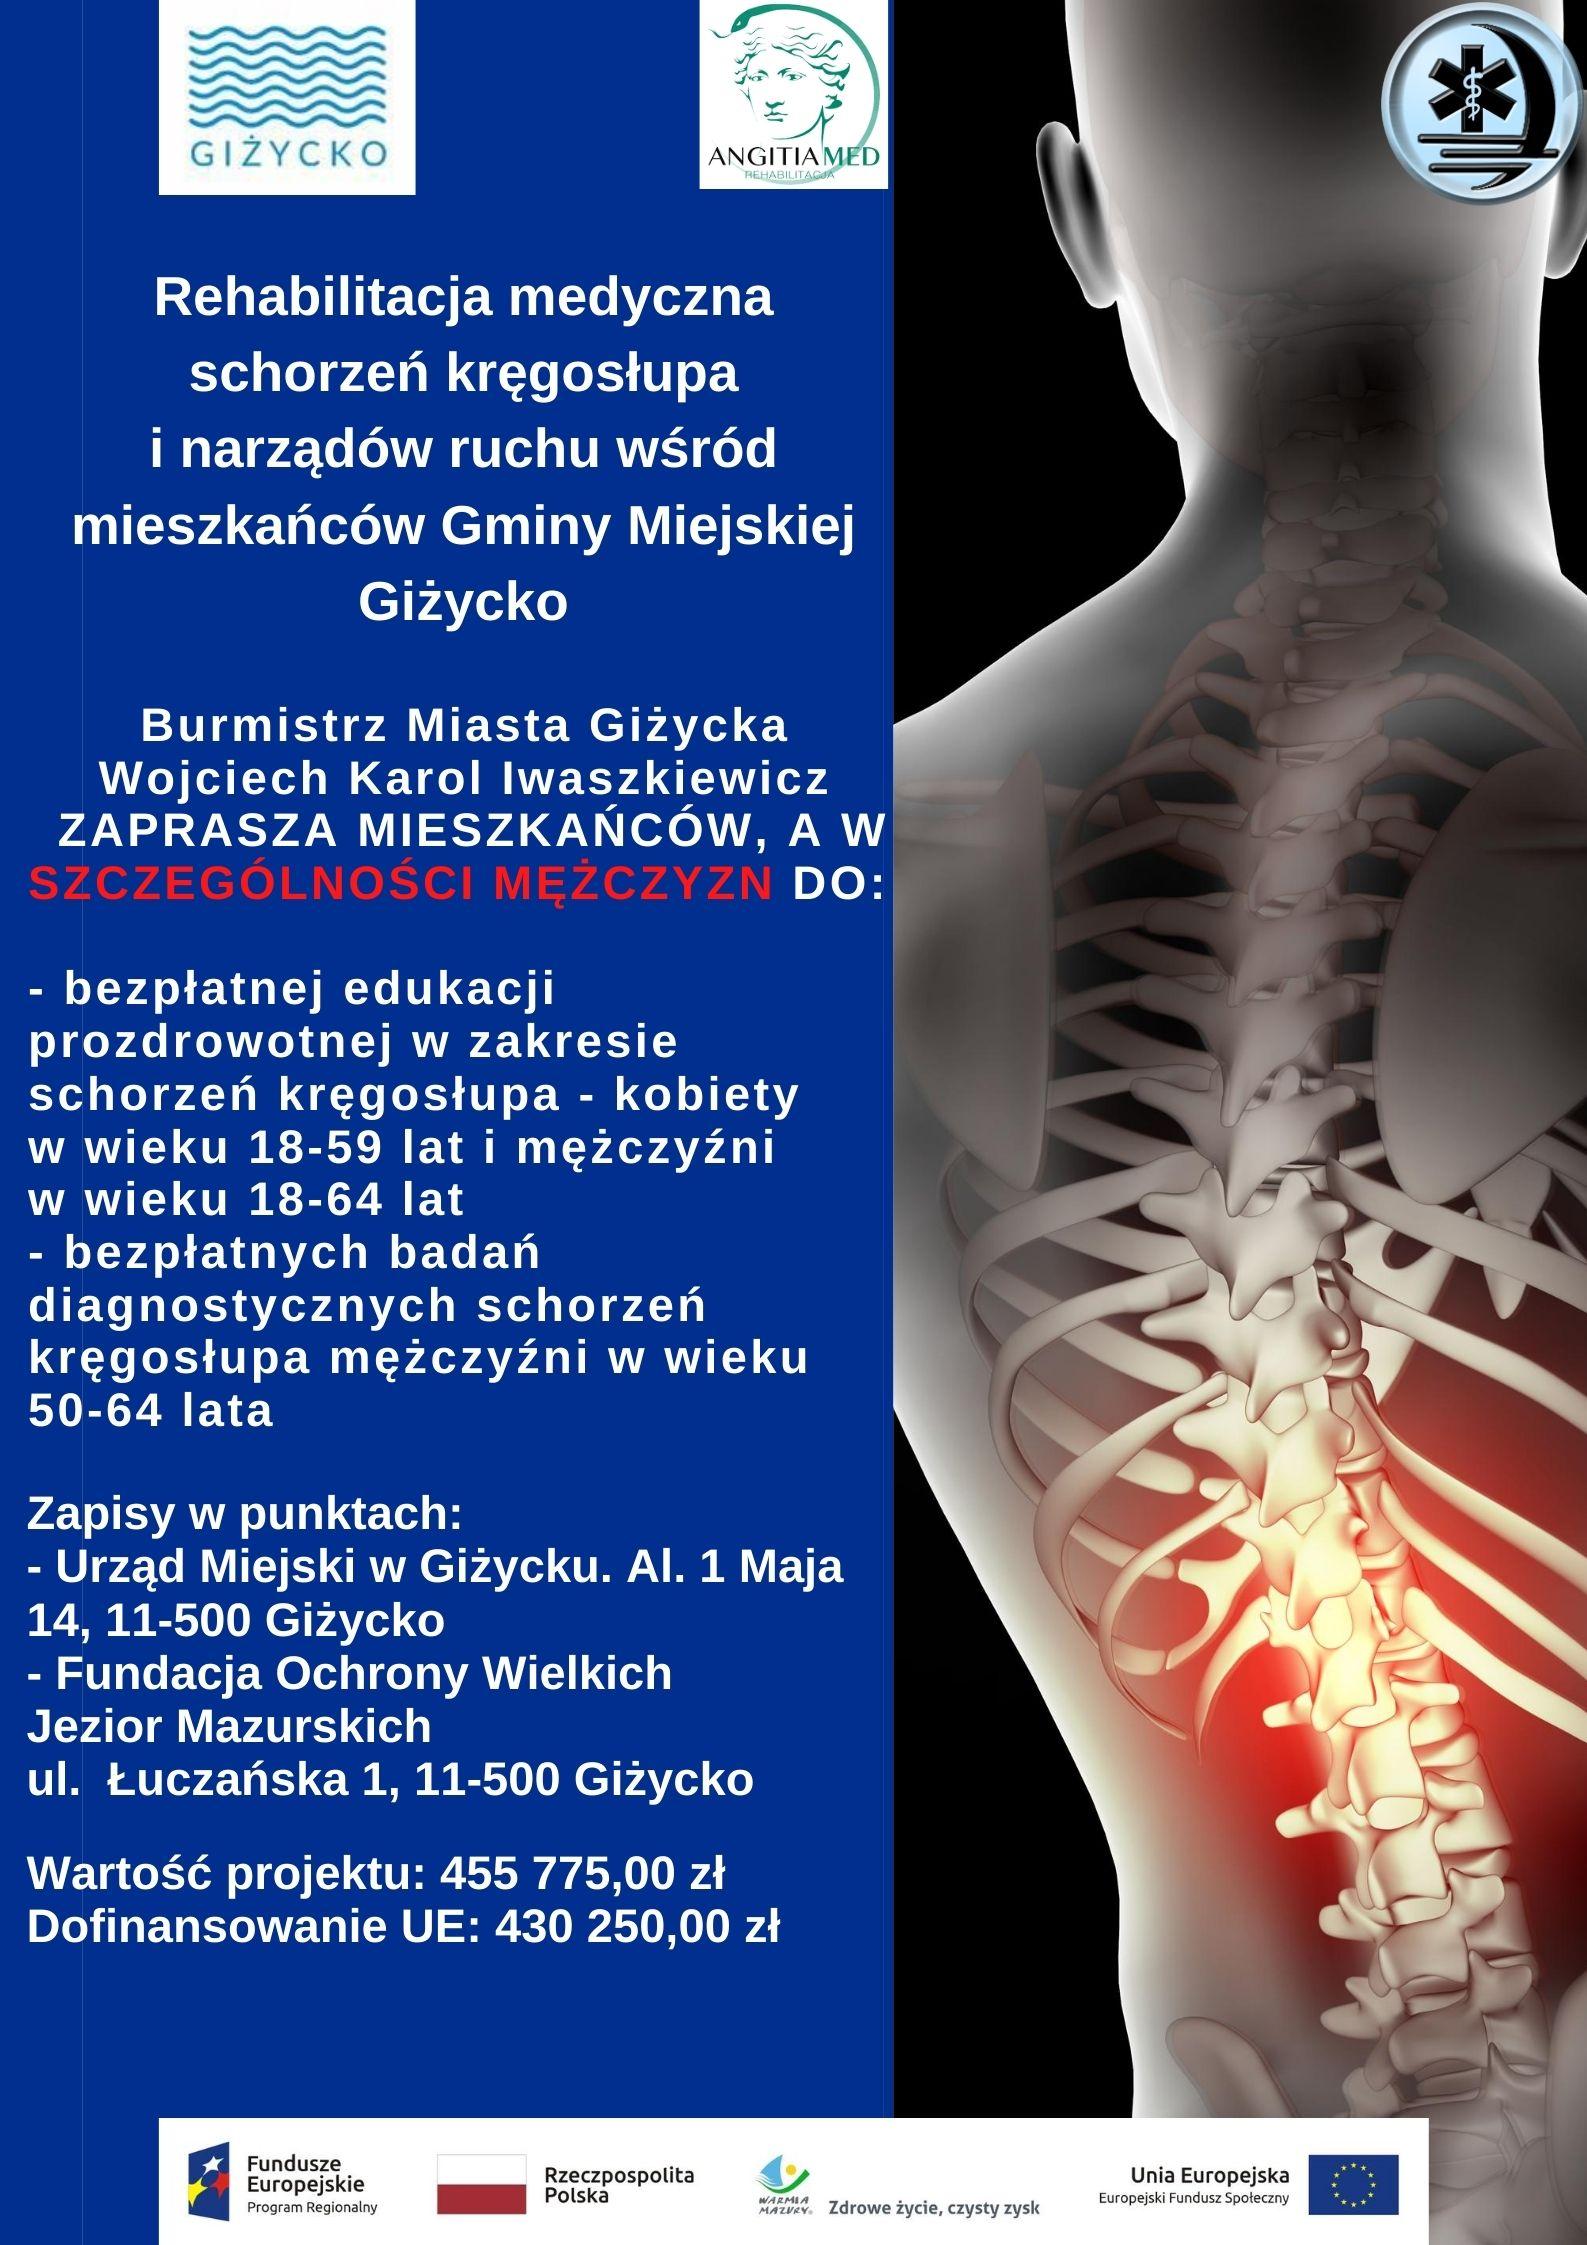 Rehabilitacja medyczna schorzeń kręgosłupa i narządów ruchu wśród mieszkańców Gminy Miejskiej Giżycko